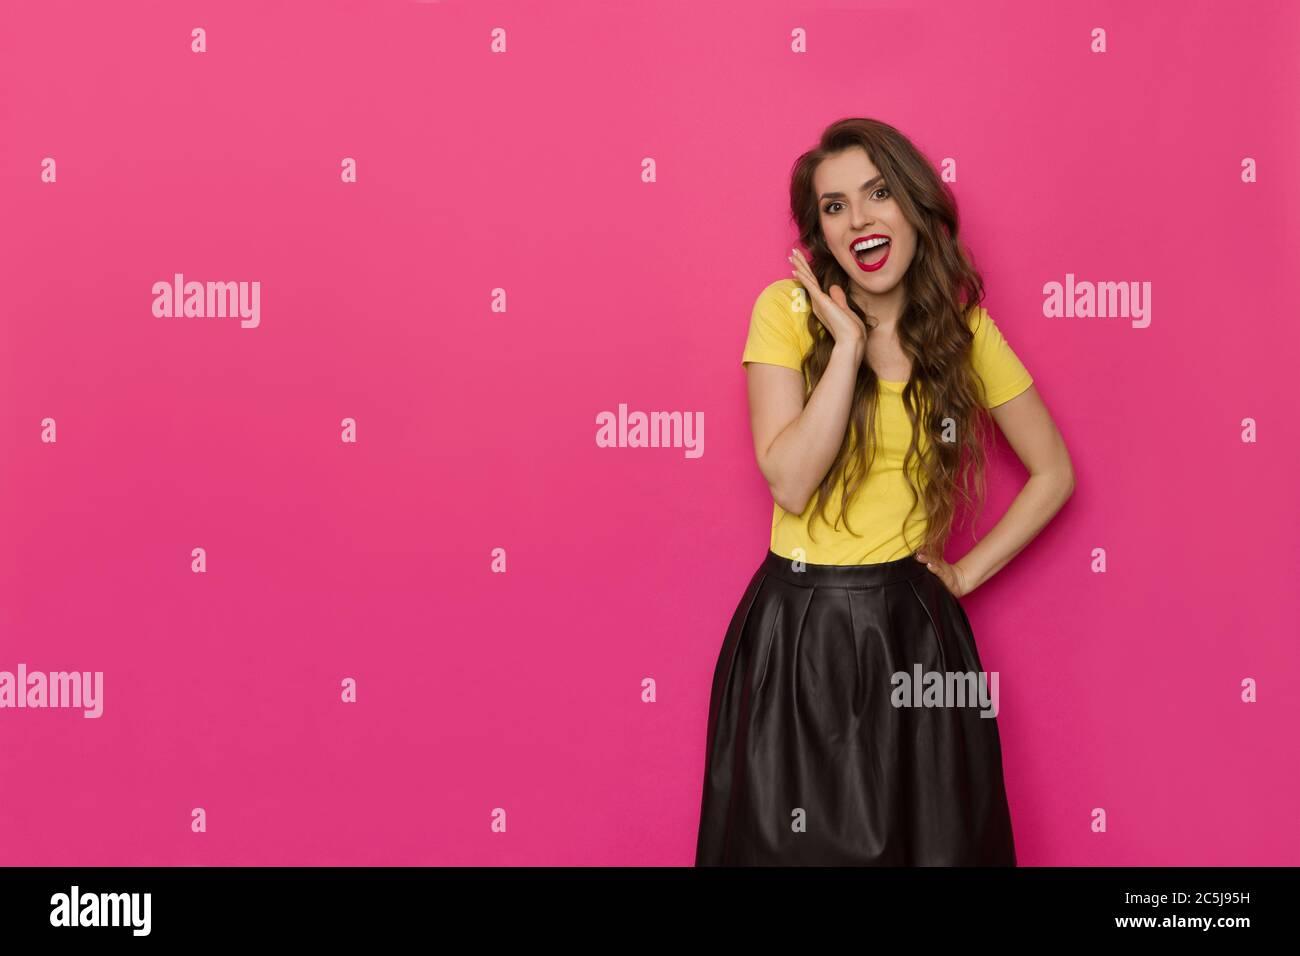 Aufgeregt schöne Frau in gelb oben und schwarzen Rock hält Hand auf Kinn, Blick auf Kamera und schreien. Drei Viertel Länge Studio auf Pin geschossen Stockfoto